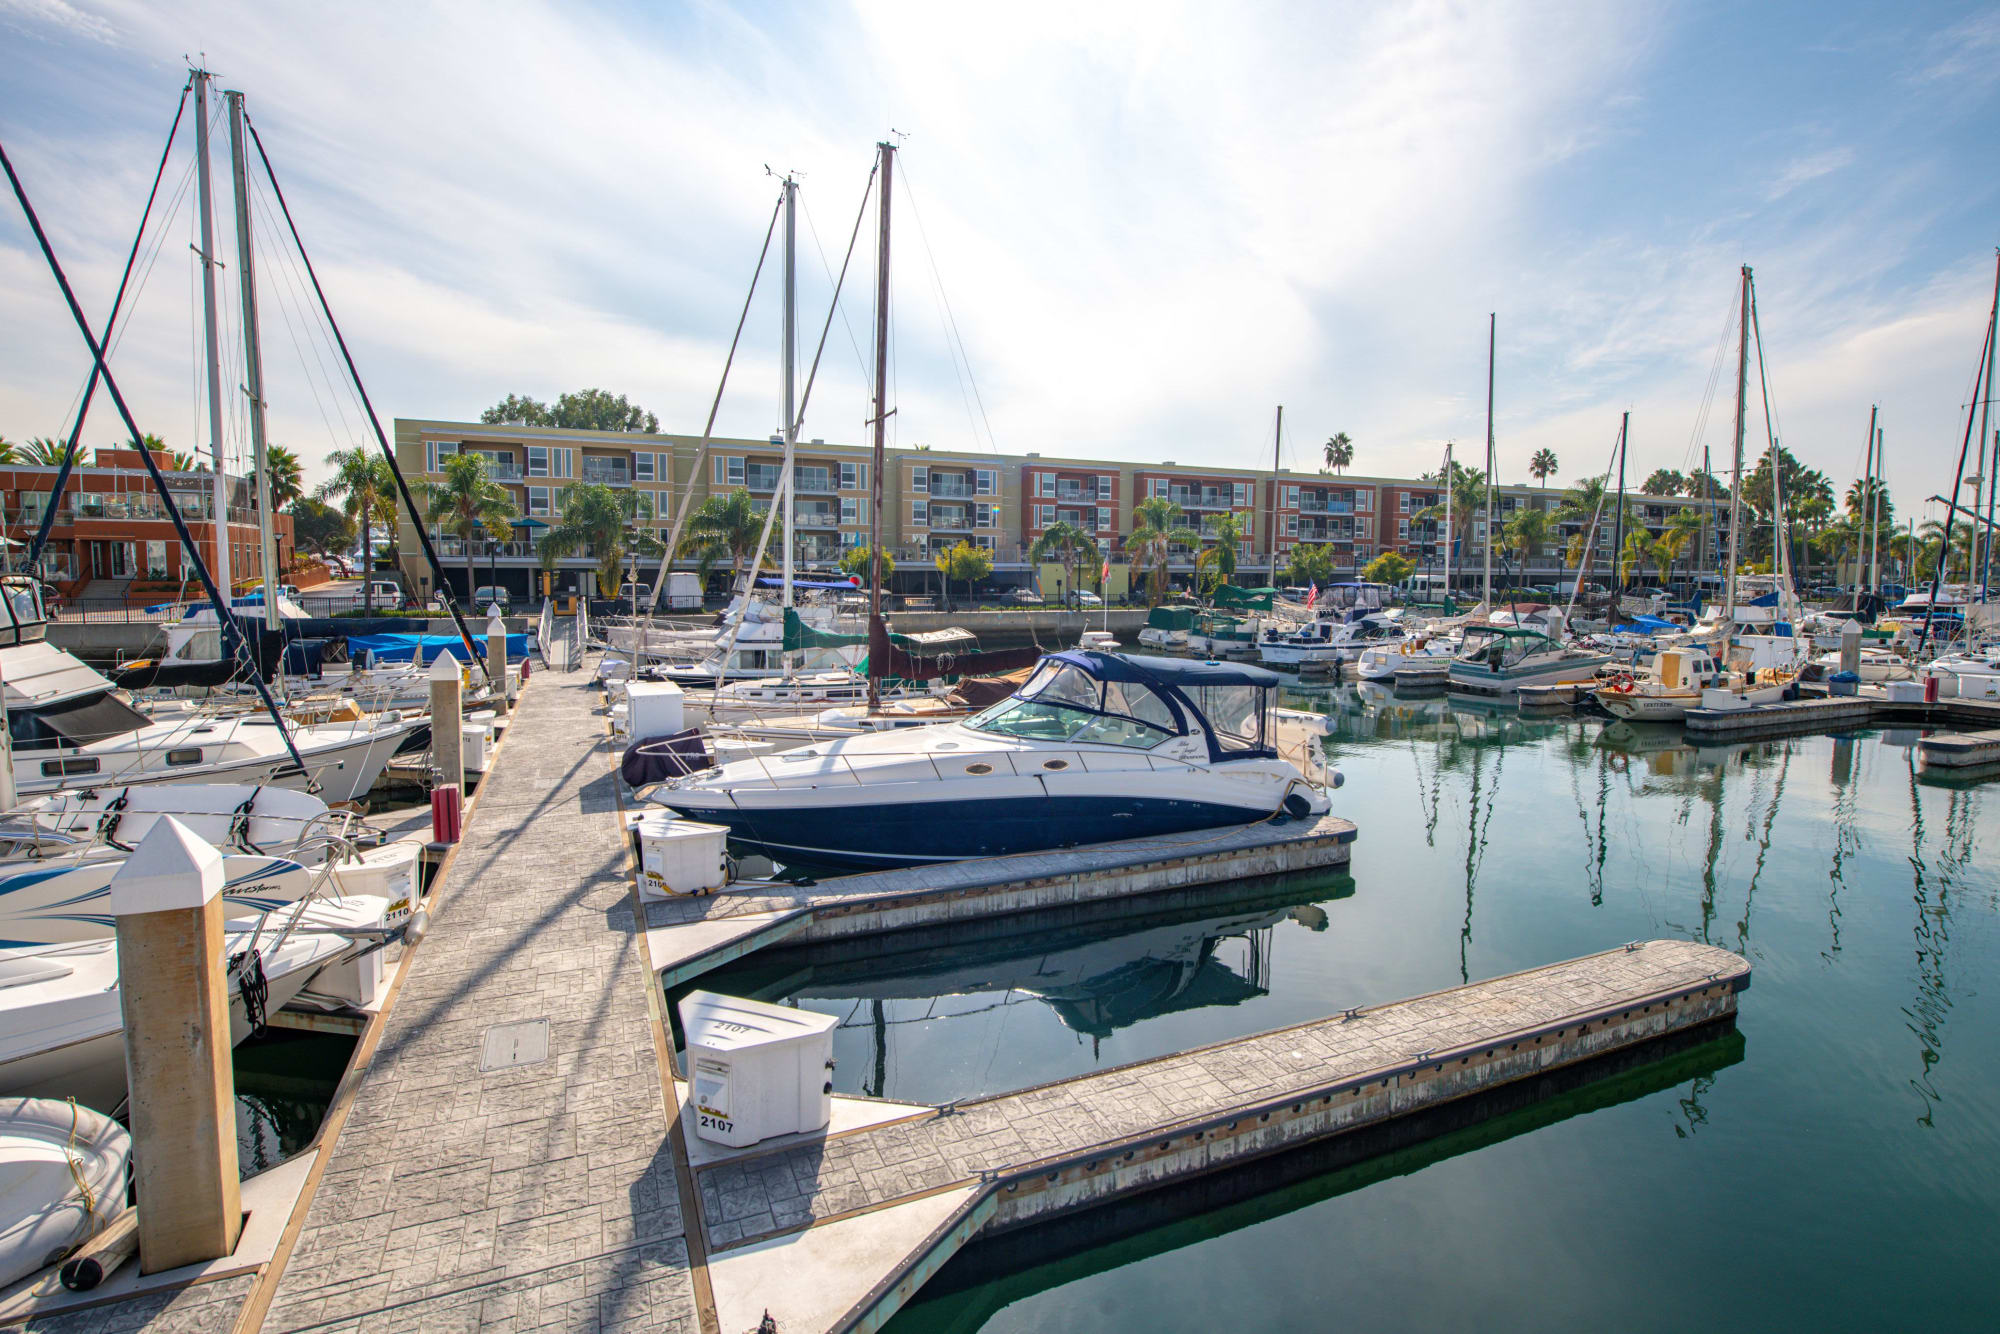 Marina access from Harborside Marina Bay Apartments in Marina del Rey, California